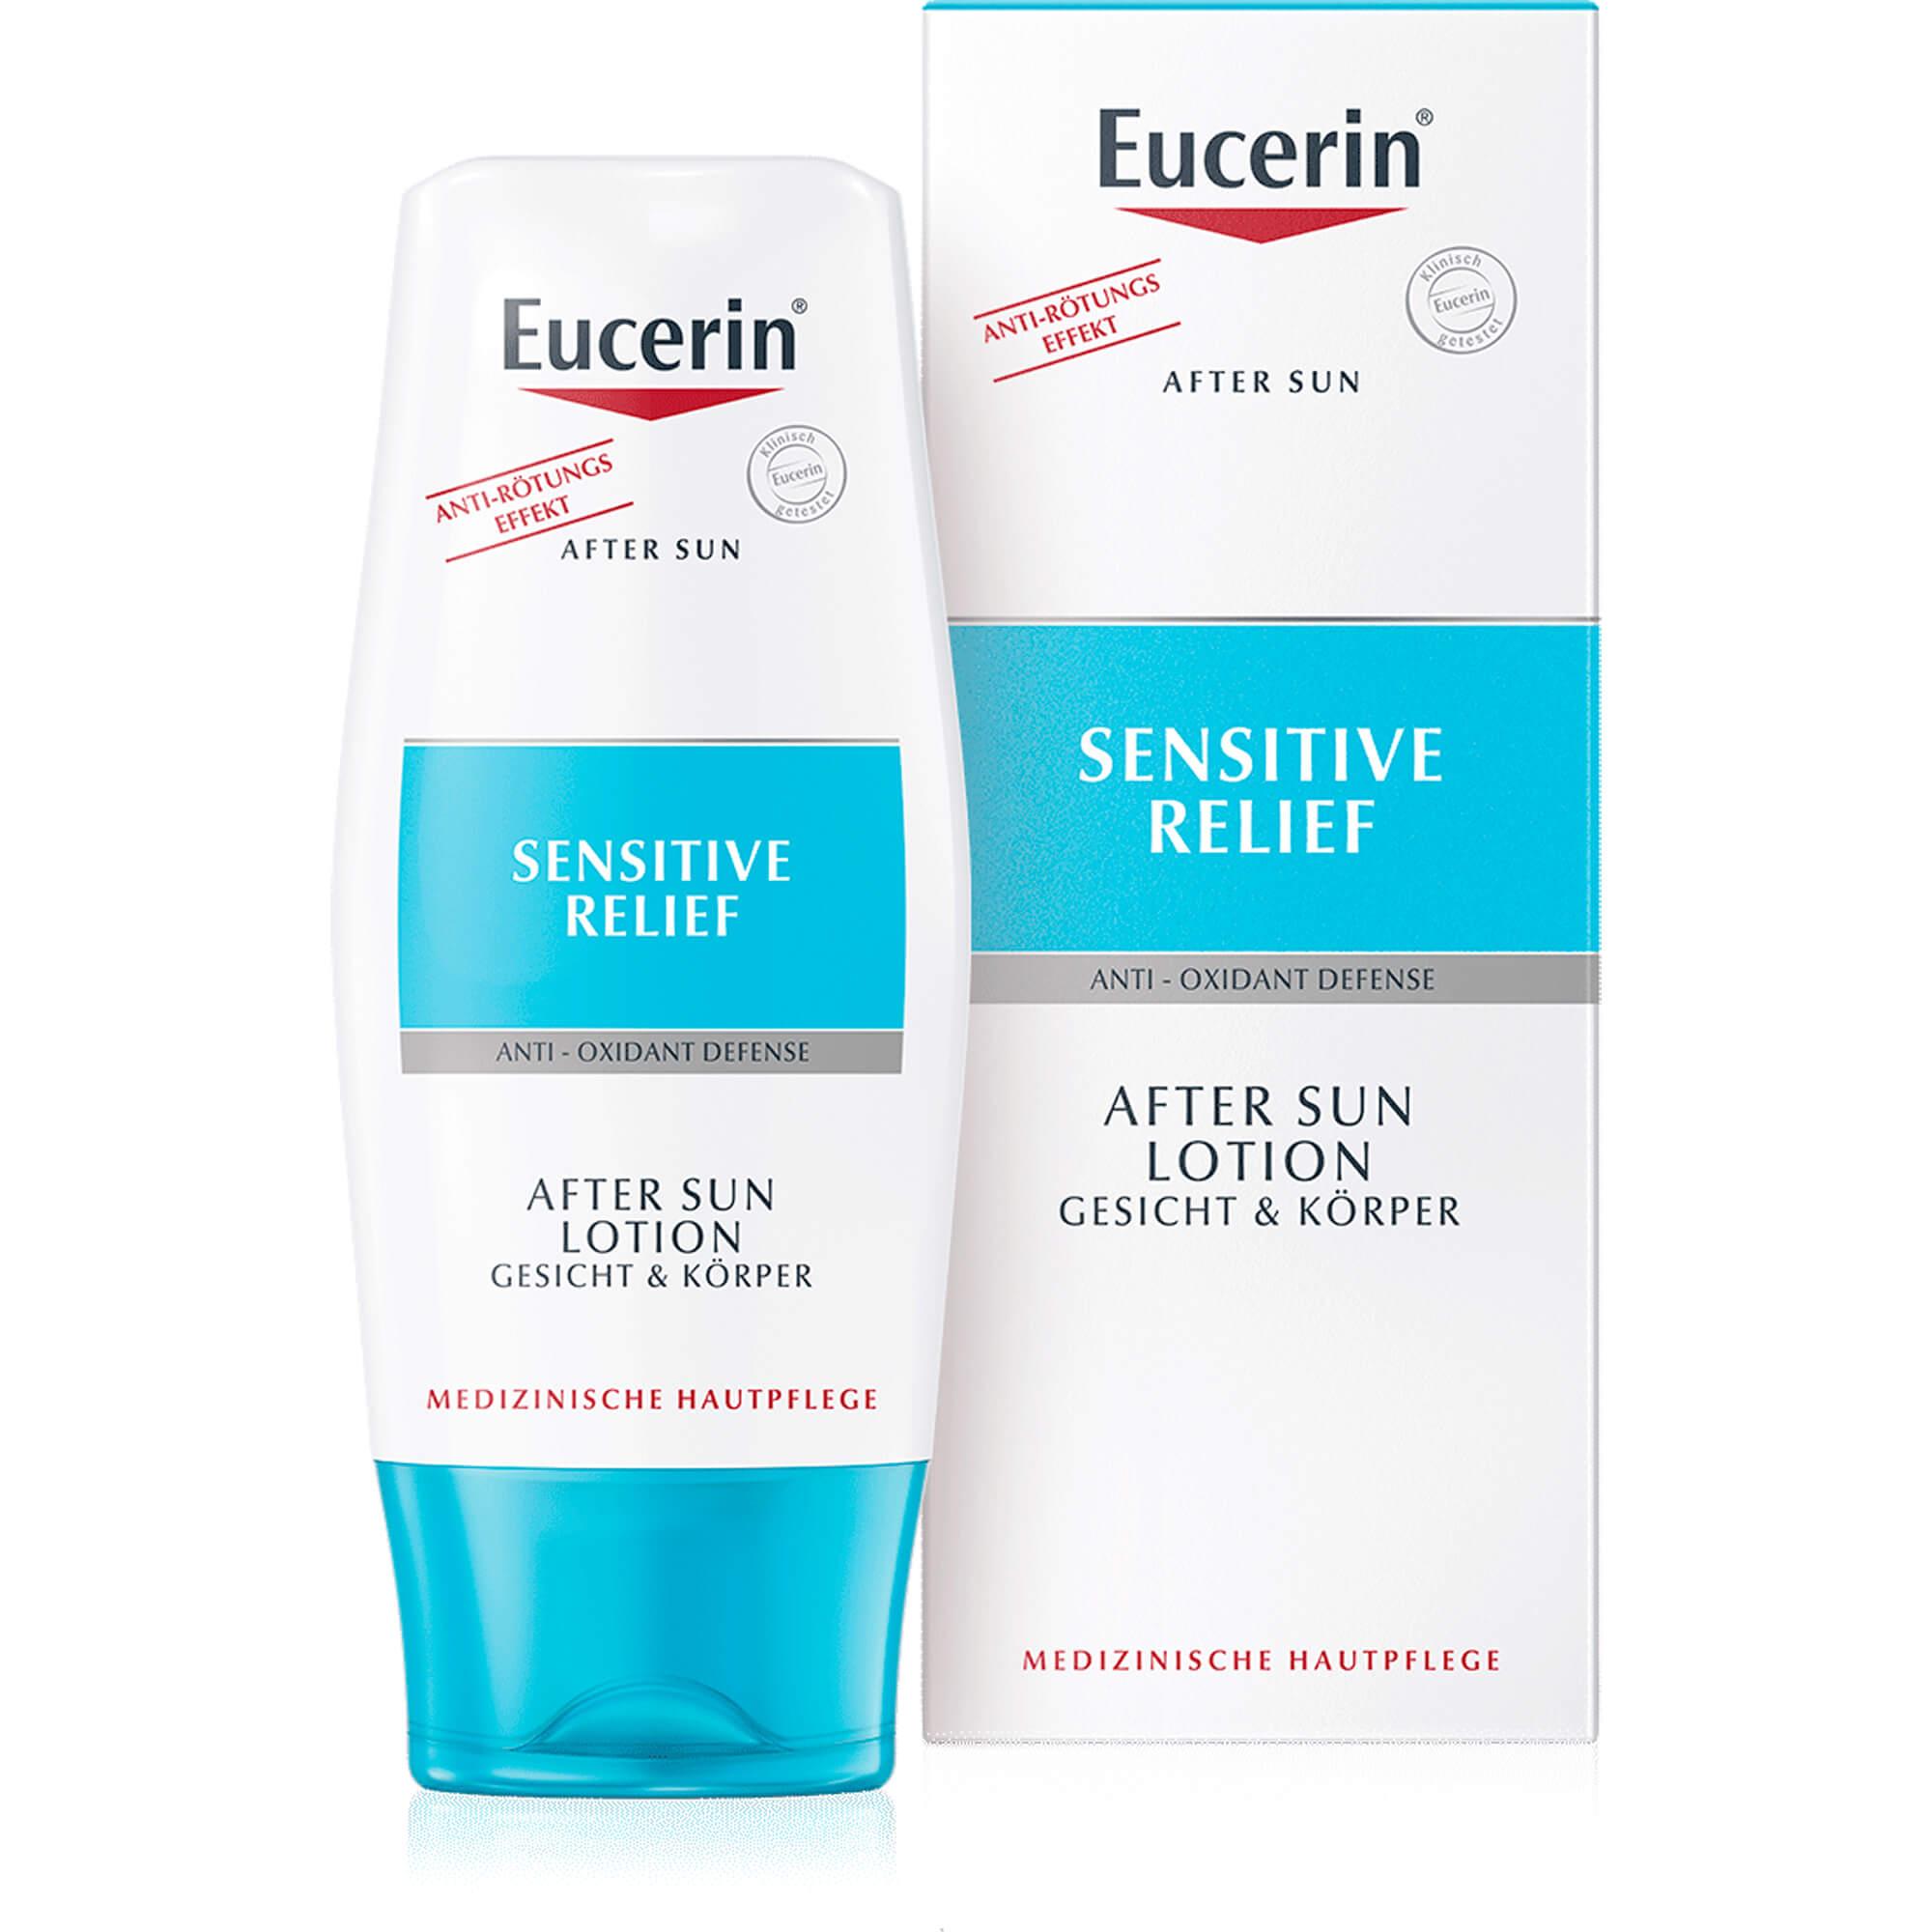 EUCERIN-After-Sun-Sensitive-Relief-Lotion